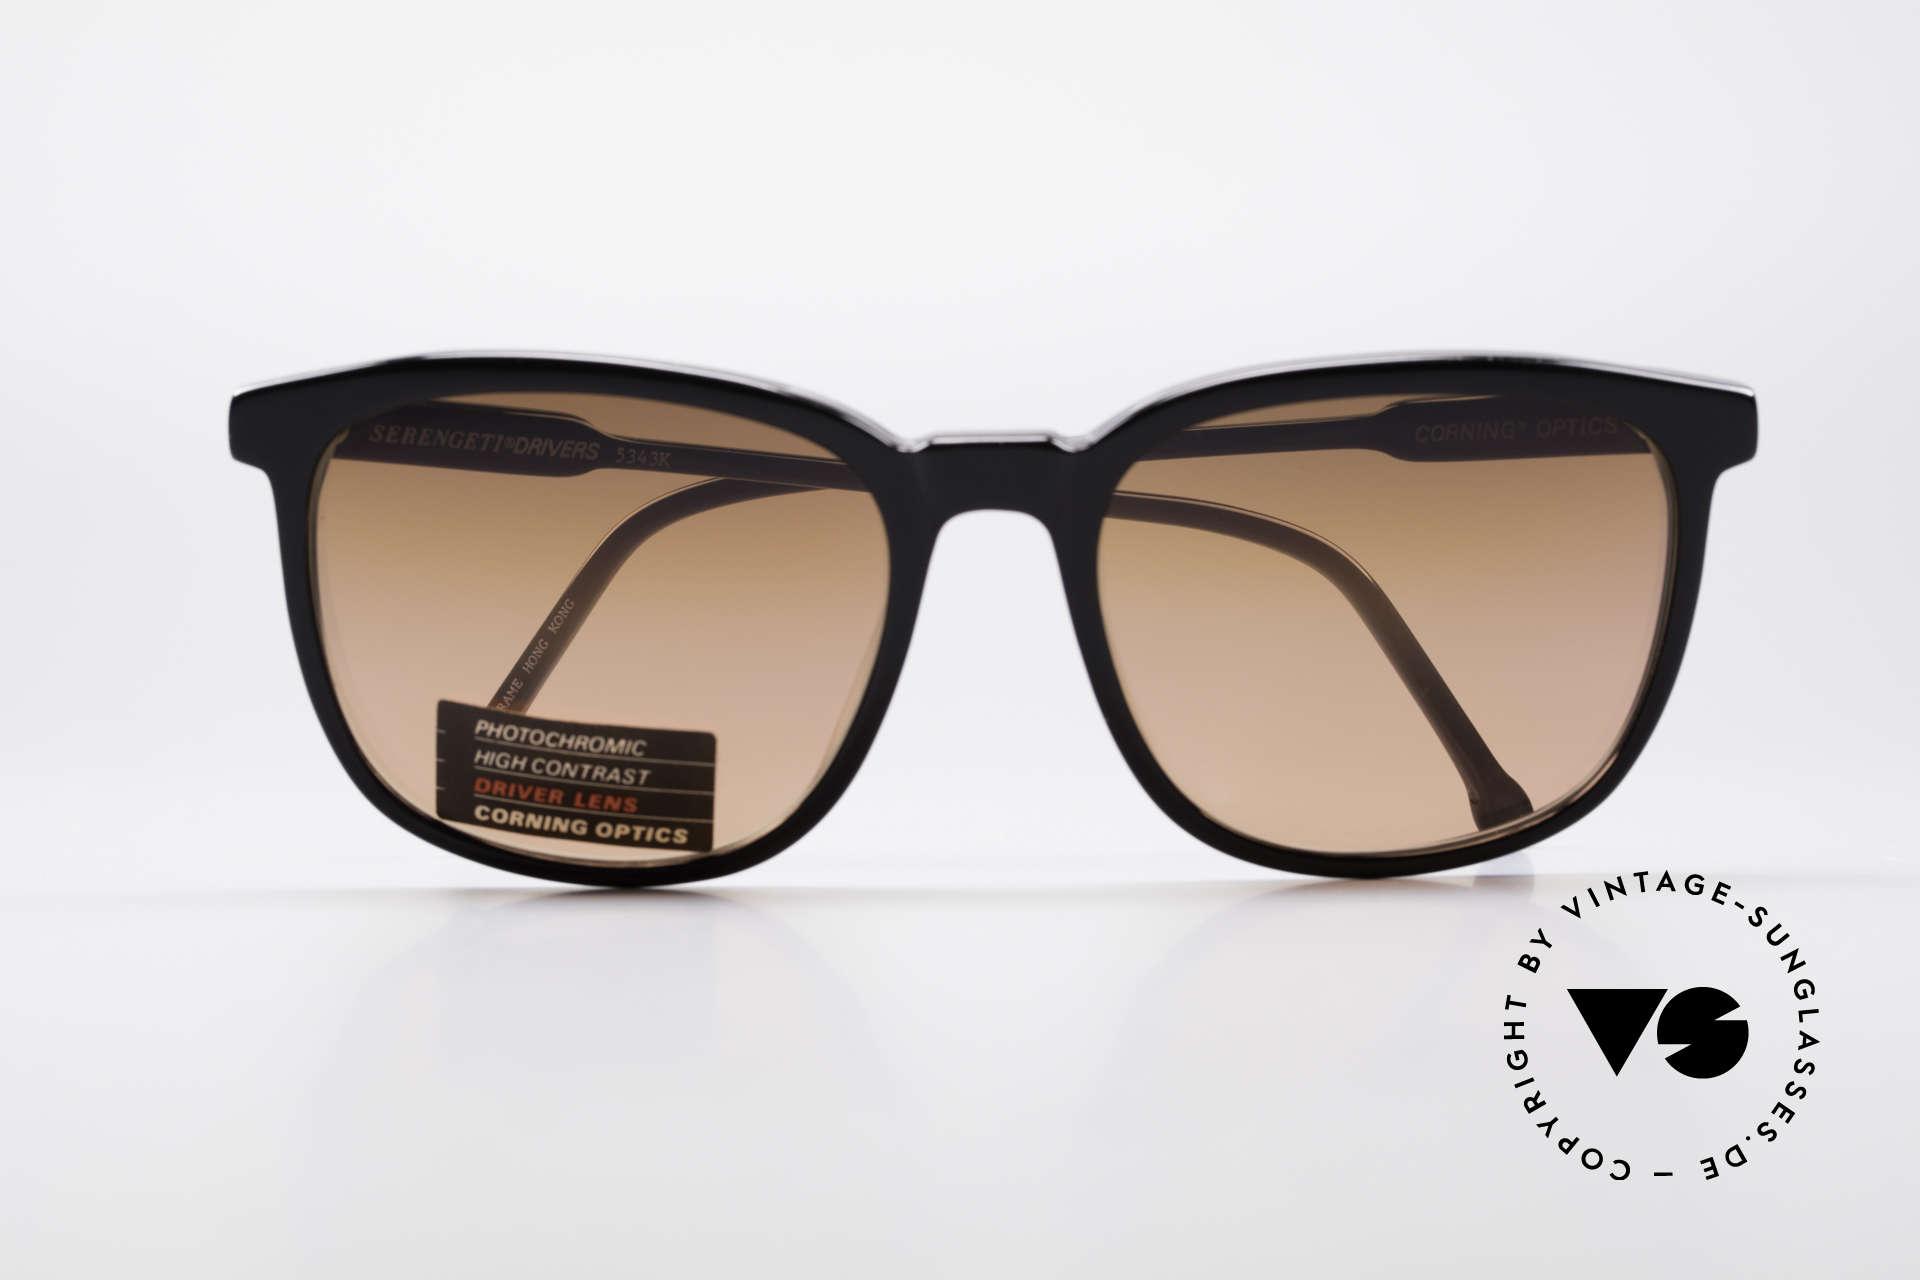 Serengeti Drivers 5343 Autofahrer Brille, ungetragen (wie alle unsere SERENGETI Sonnenbrillen), Passend für Herren und Damen